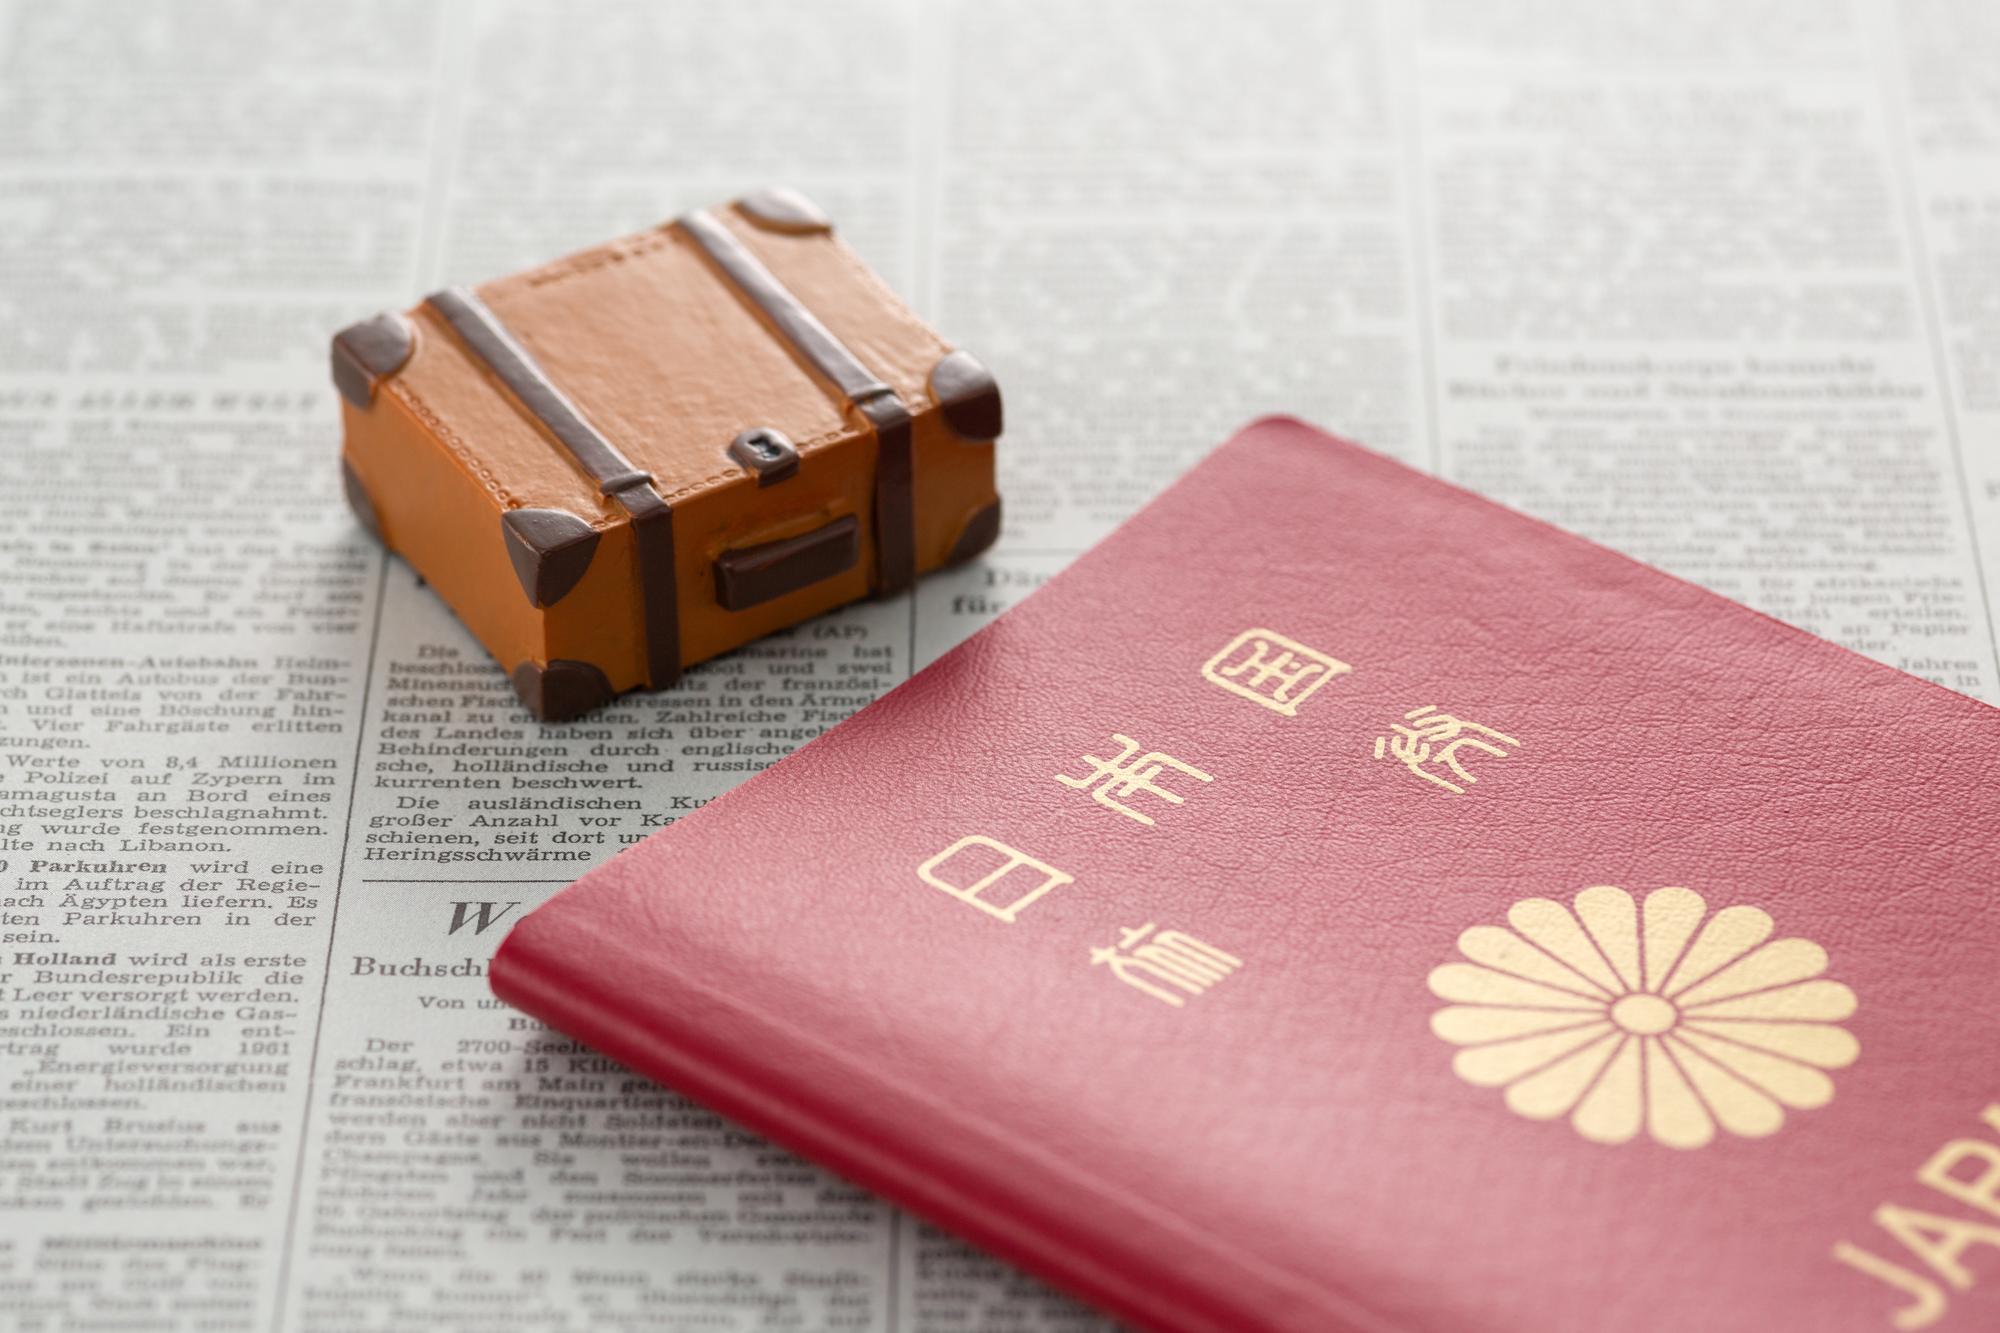 アタッシュケースと日本パスポート